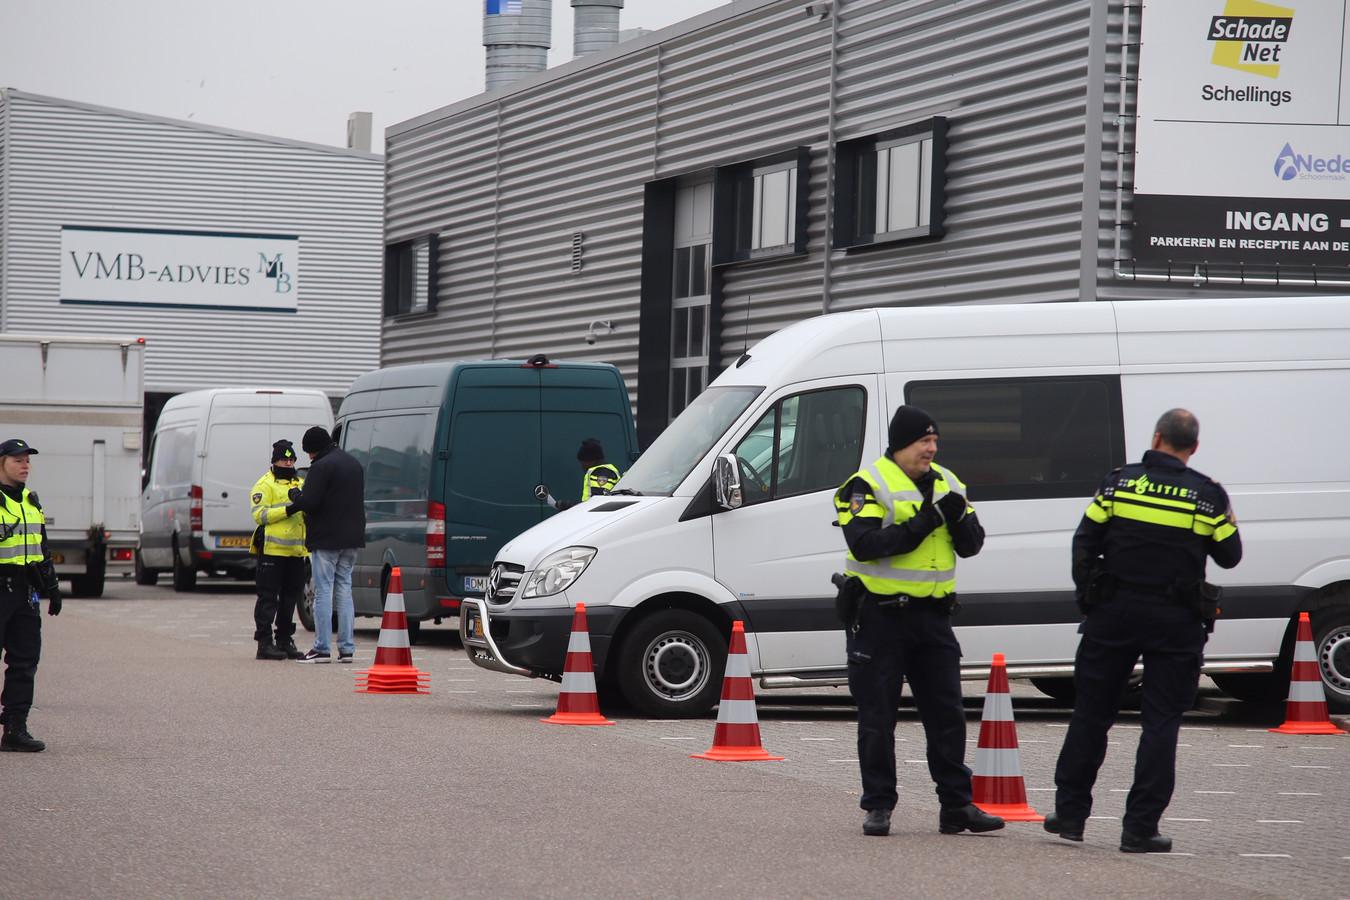 Grote controle in Rosmalen. De bedrijven op de foto hebben met de controle niets te maken. De straat wordt er alleen gebruikt omdat de meeste parkeerruimte is